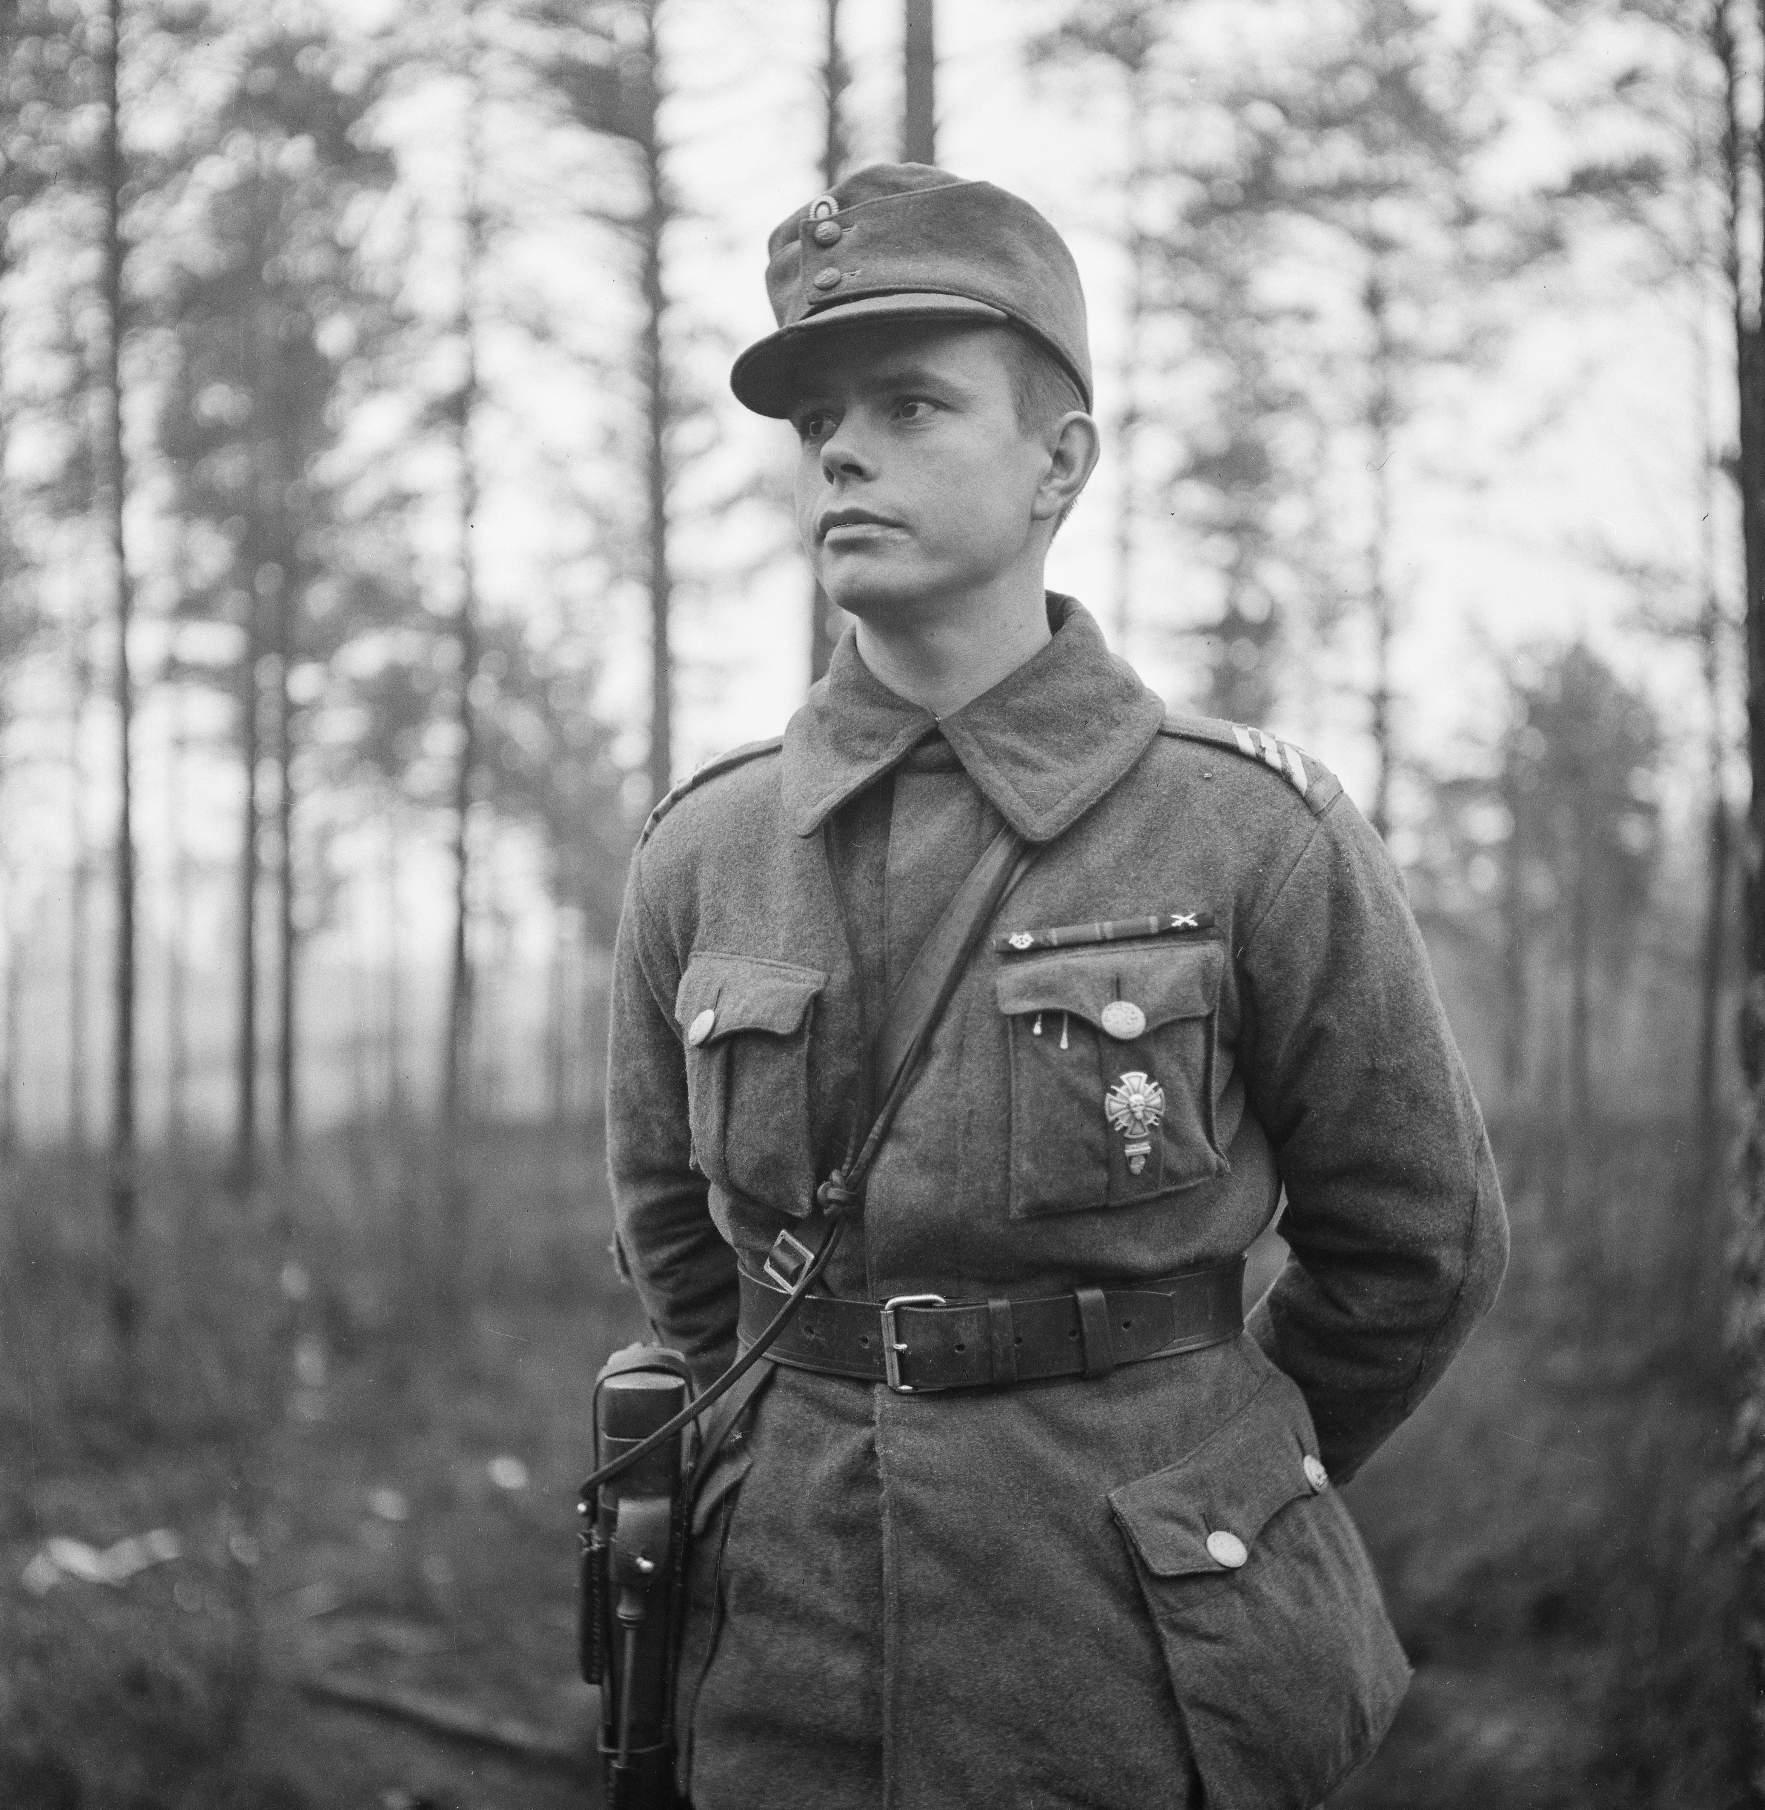 soldats finlandais 1058741d1490043319-photos-sa-kuva-archive-141785